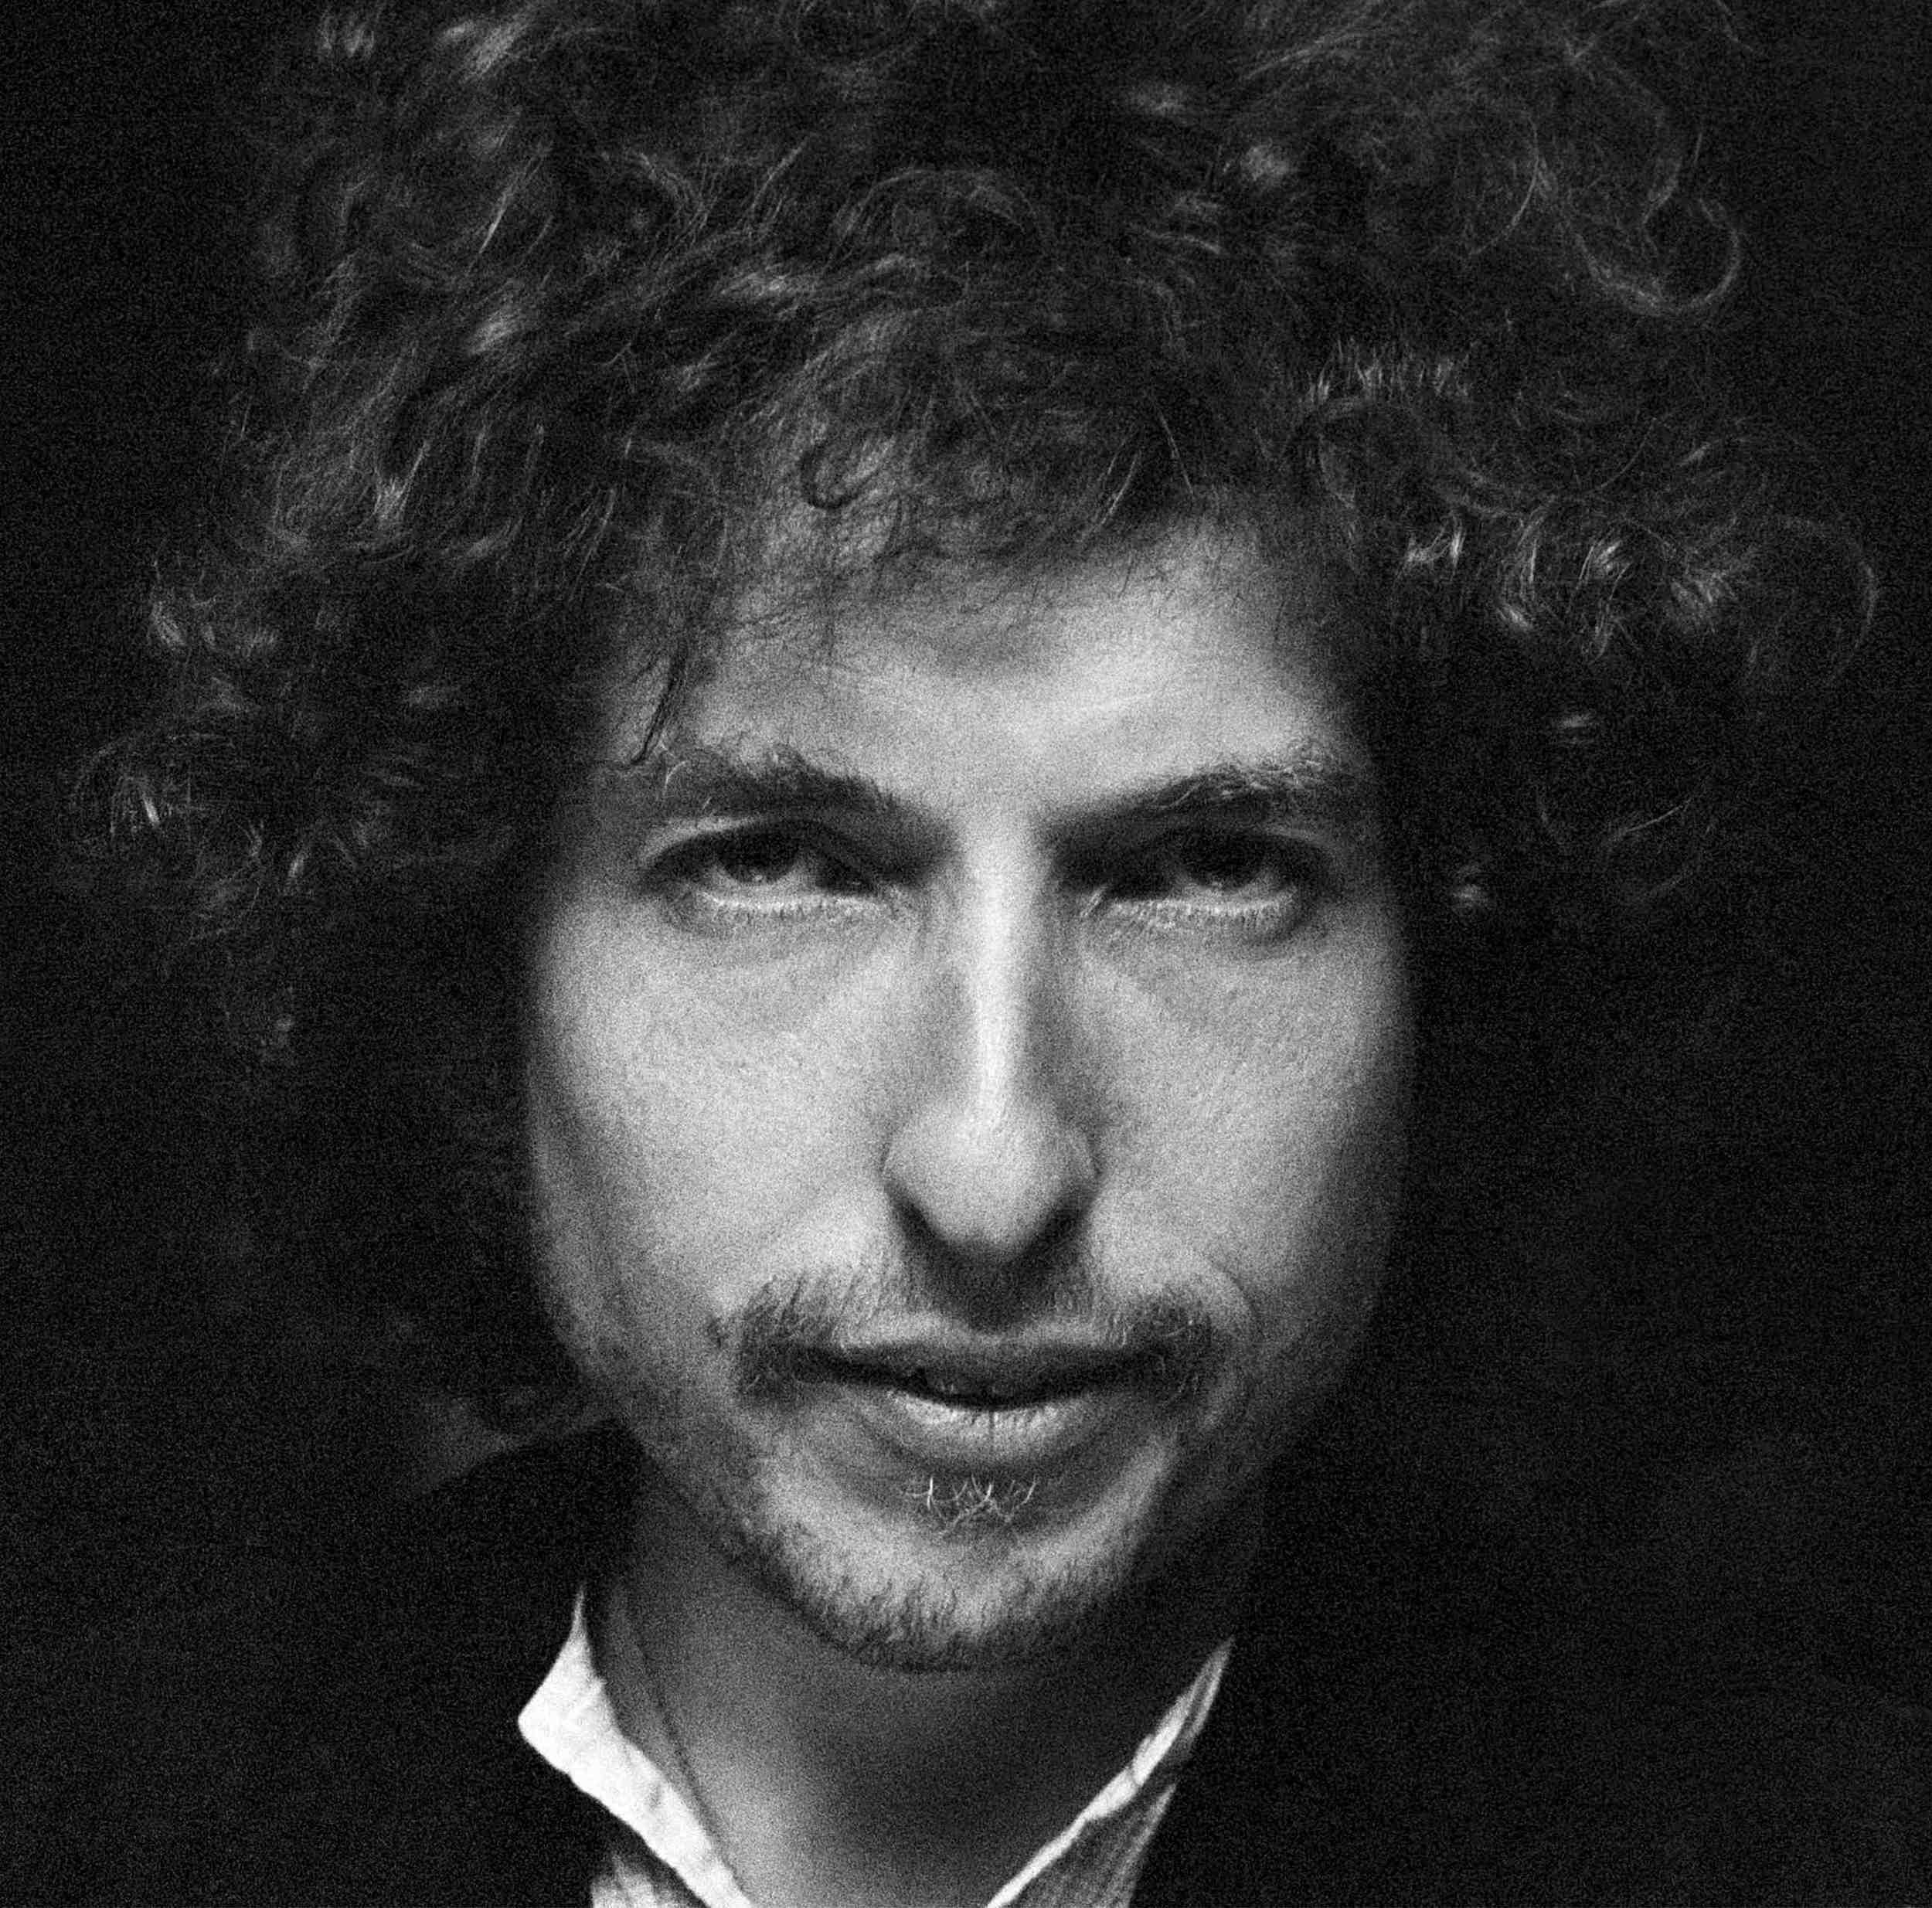 Bob Dylan (b. 1941)